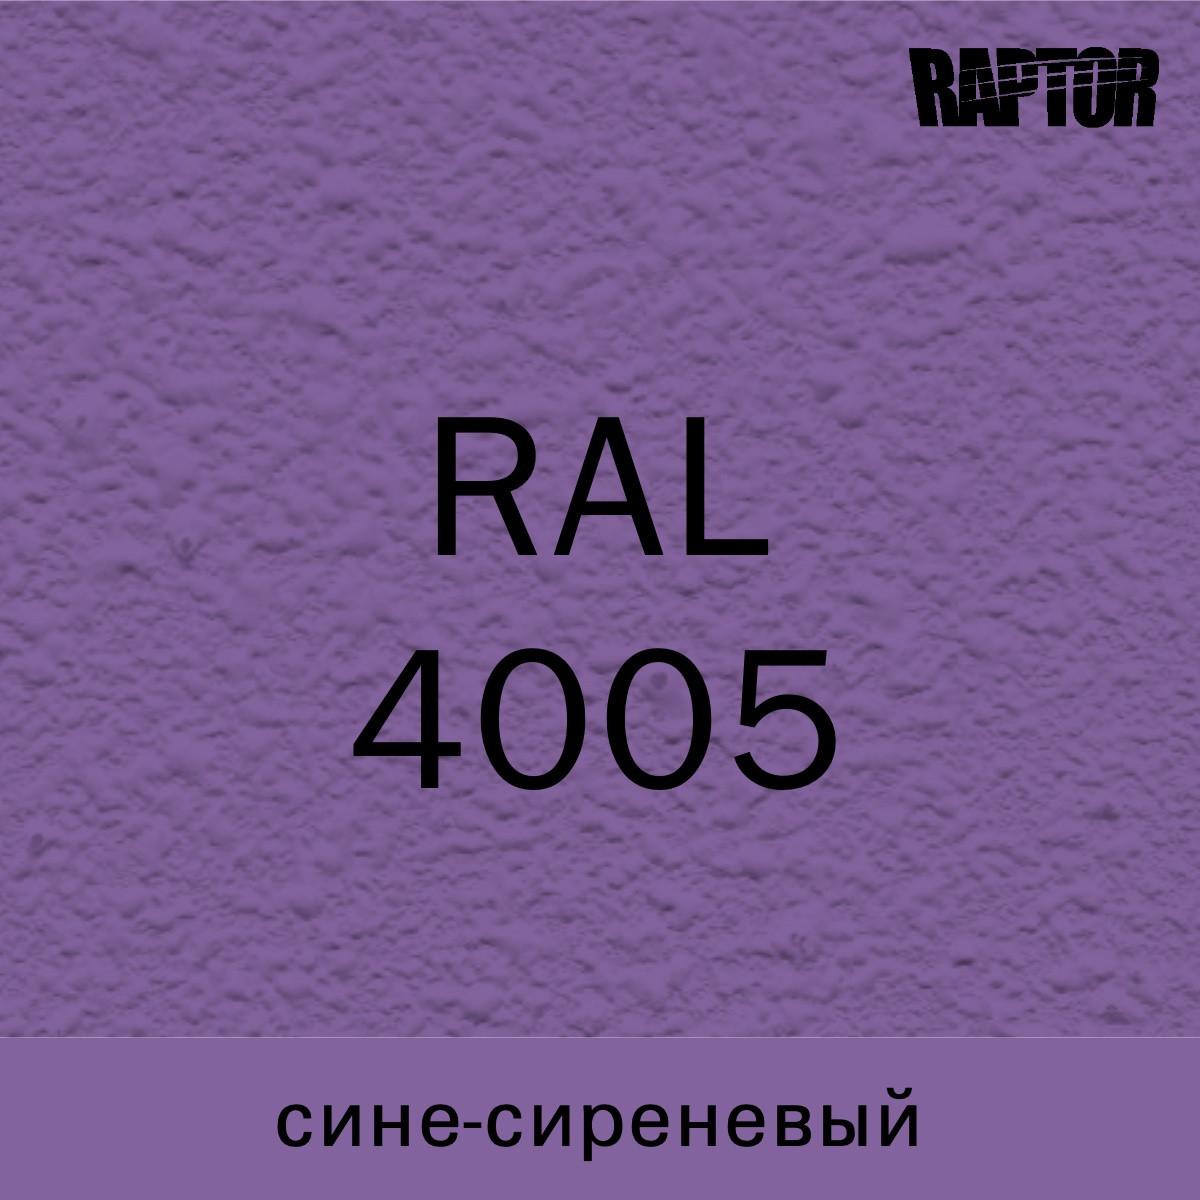 Пигмент для колеровки покрытия RAPTOR™ Сине-фиолетовый (RAL 4005)